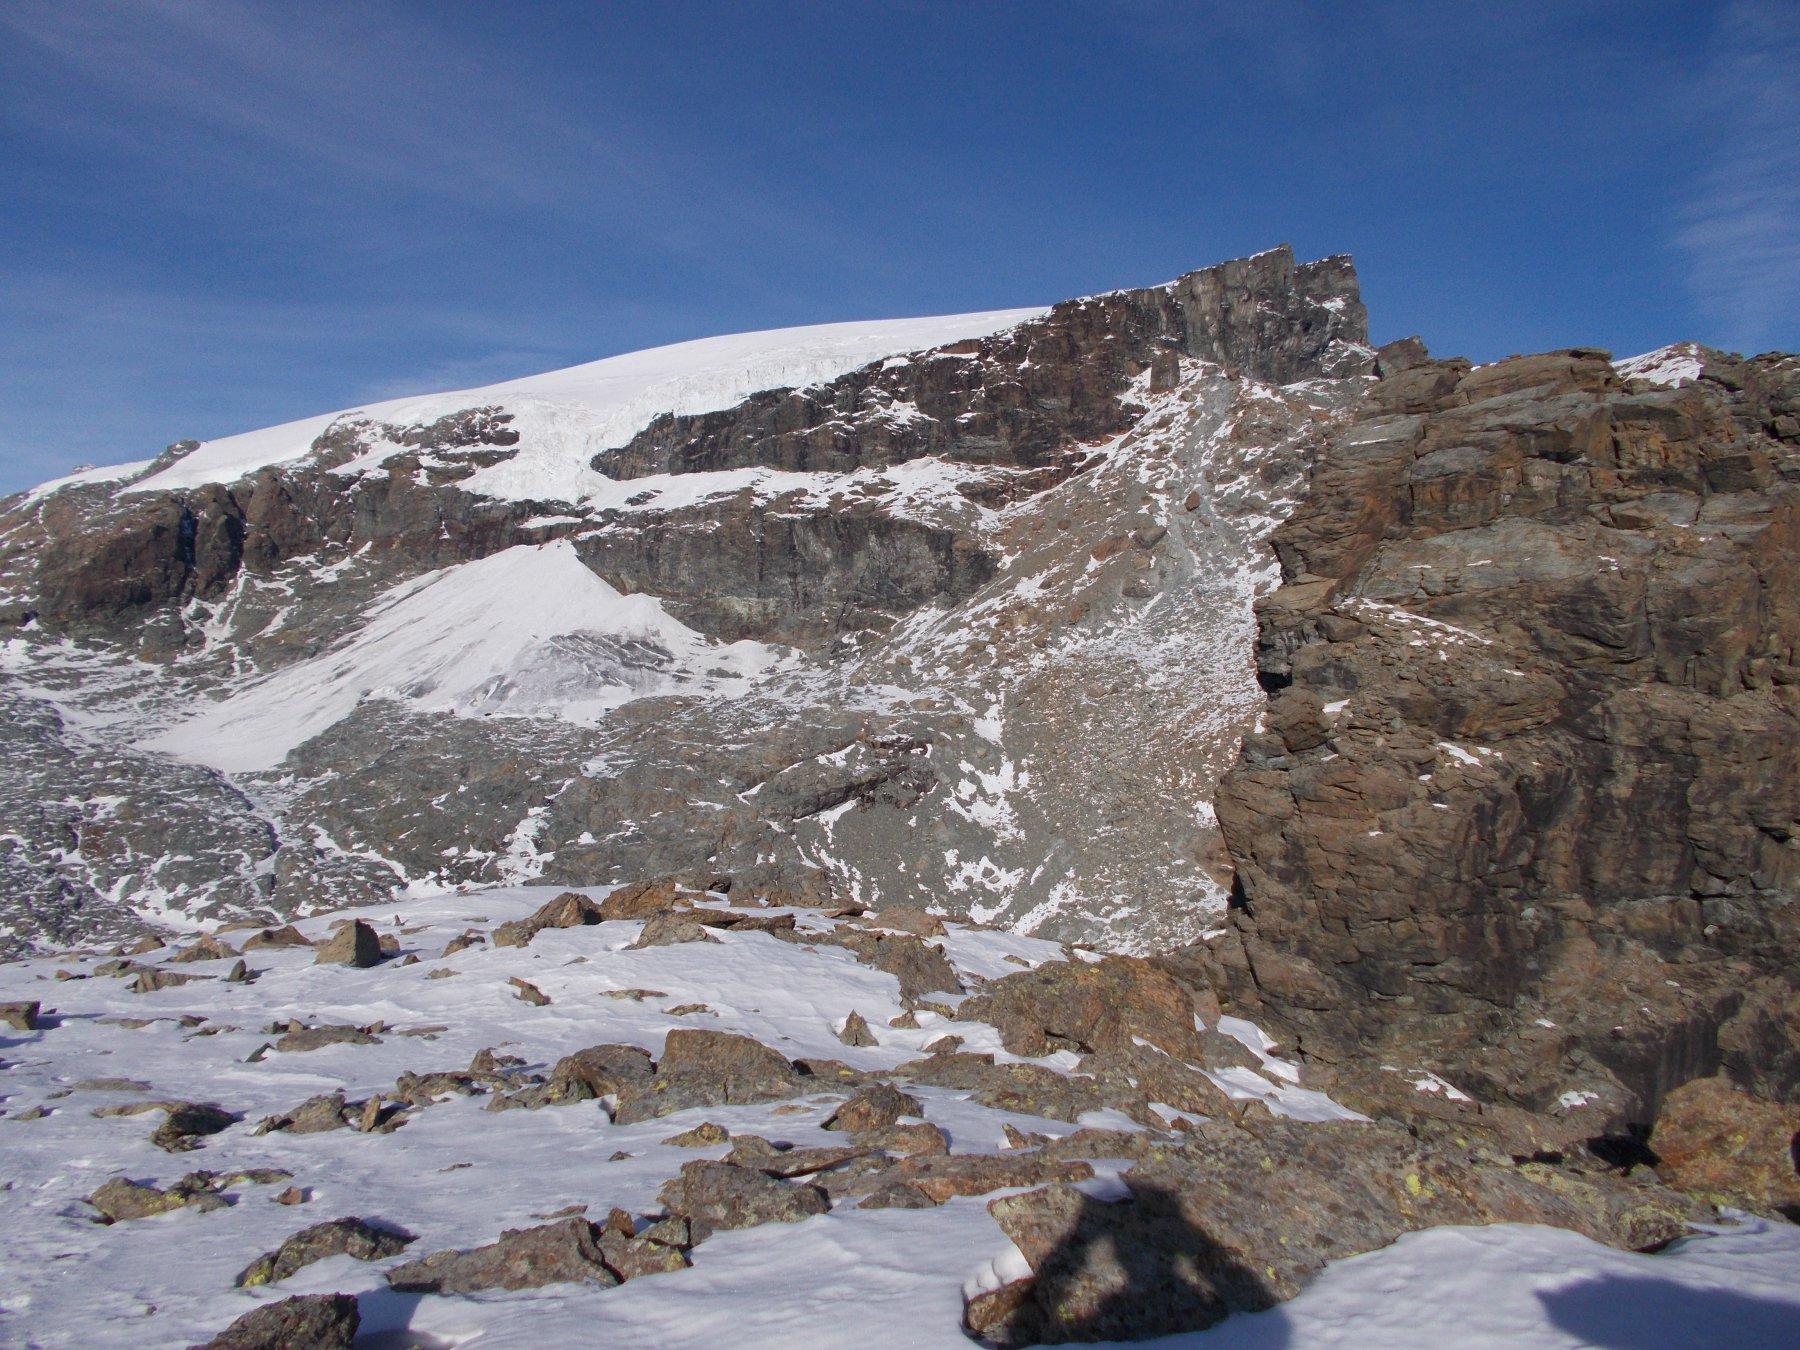 sfondo..la Gobba di Rollin a dx vicina l'austera Rocca di Verra..dall'anticima sud..3088m..